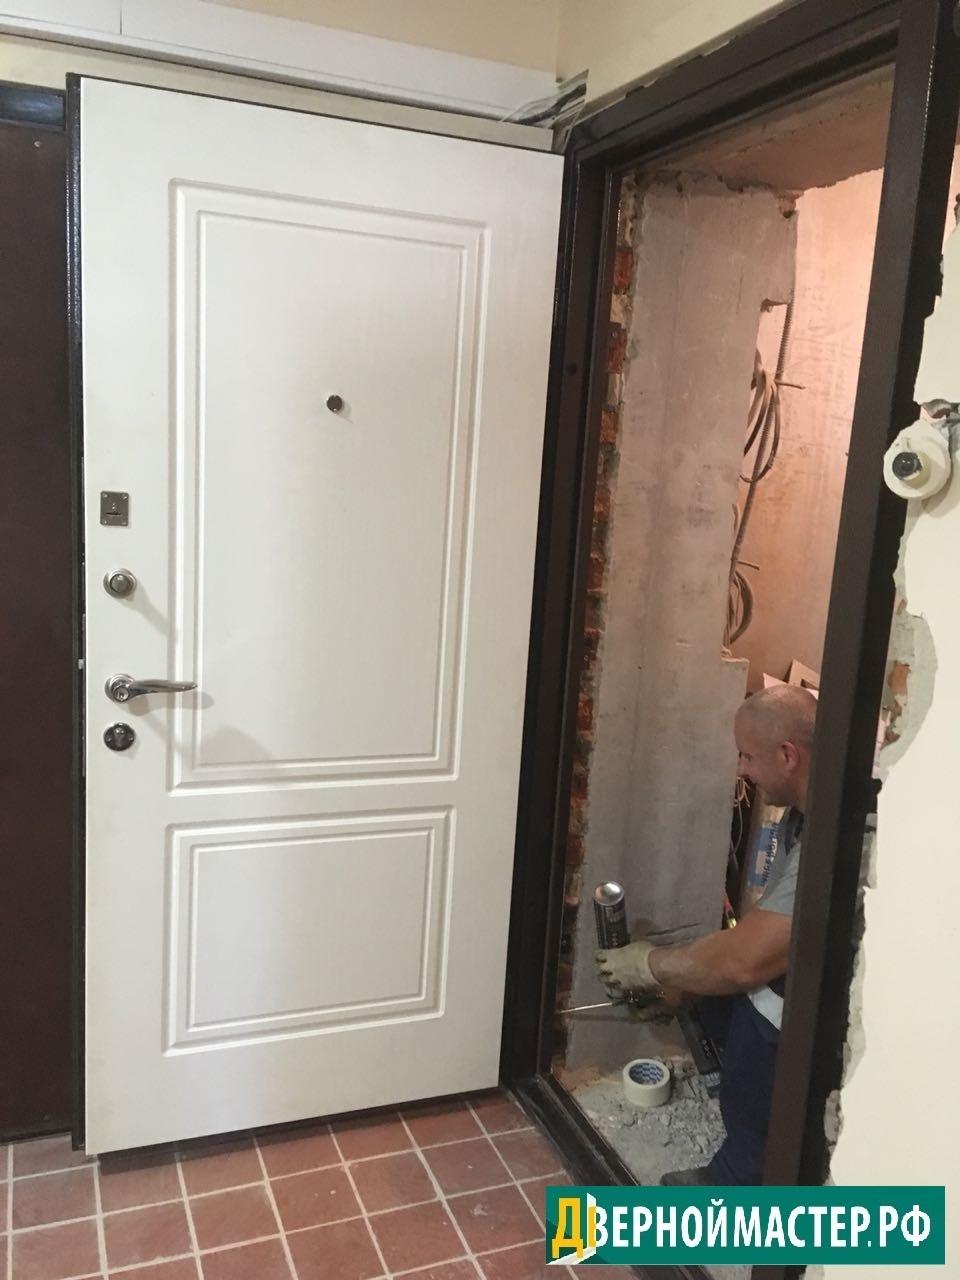 Входные двери для квартир в новостройки Москвы по отличным ценам.